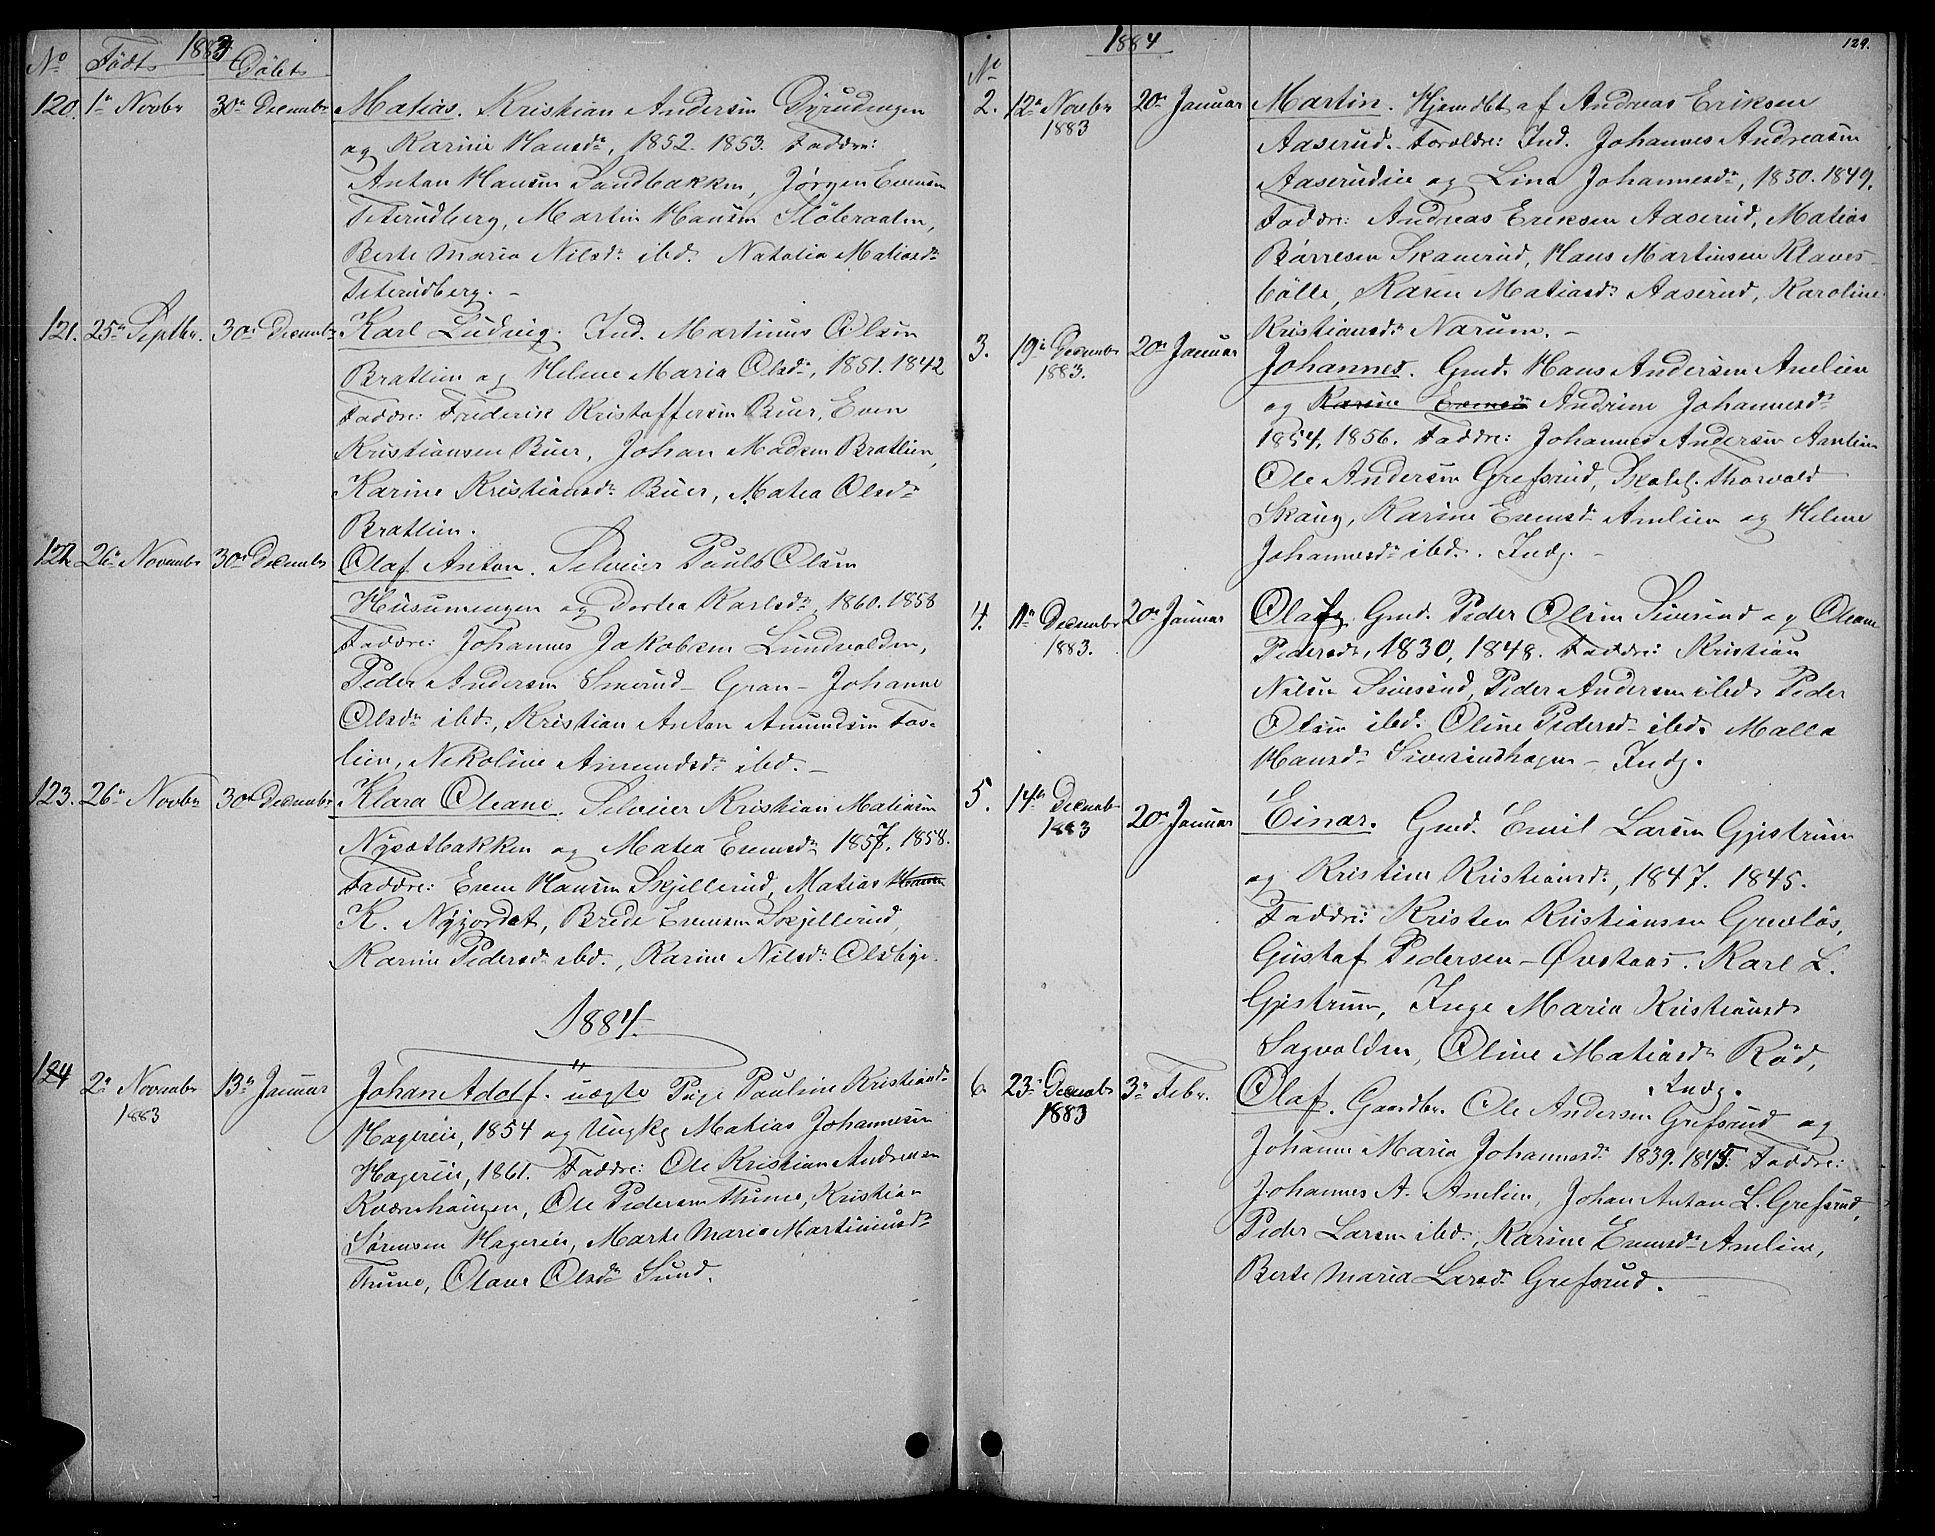 SAH, Vestre Toten prestekontor, Klokkerbok nr. 6, 1870-1887, s. 129